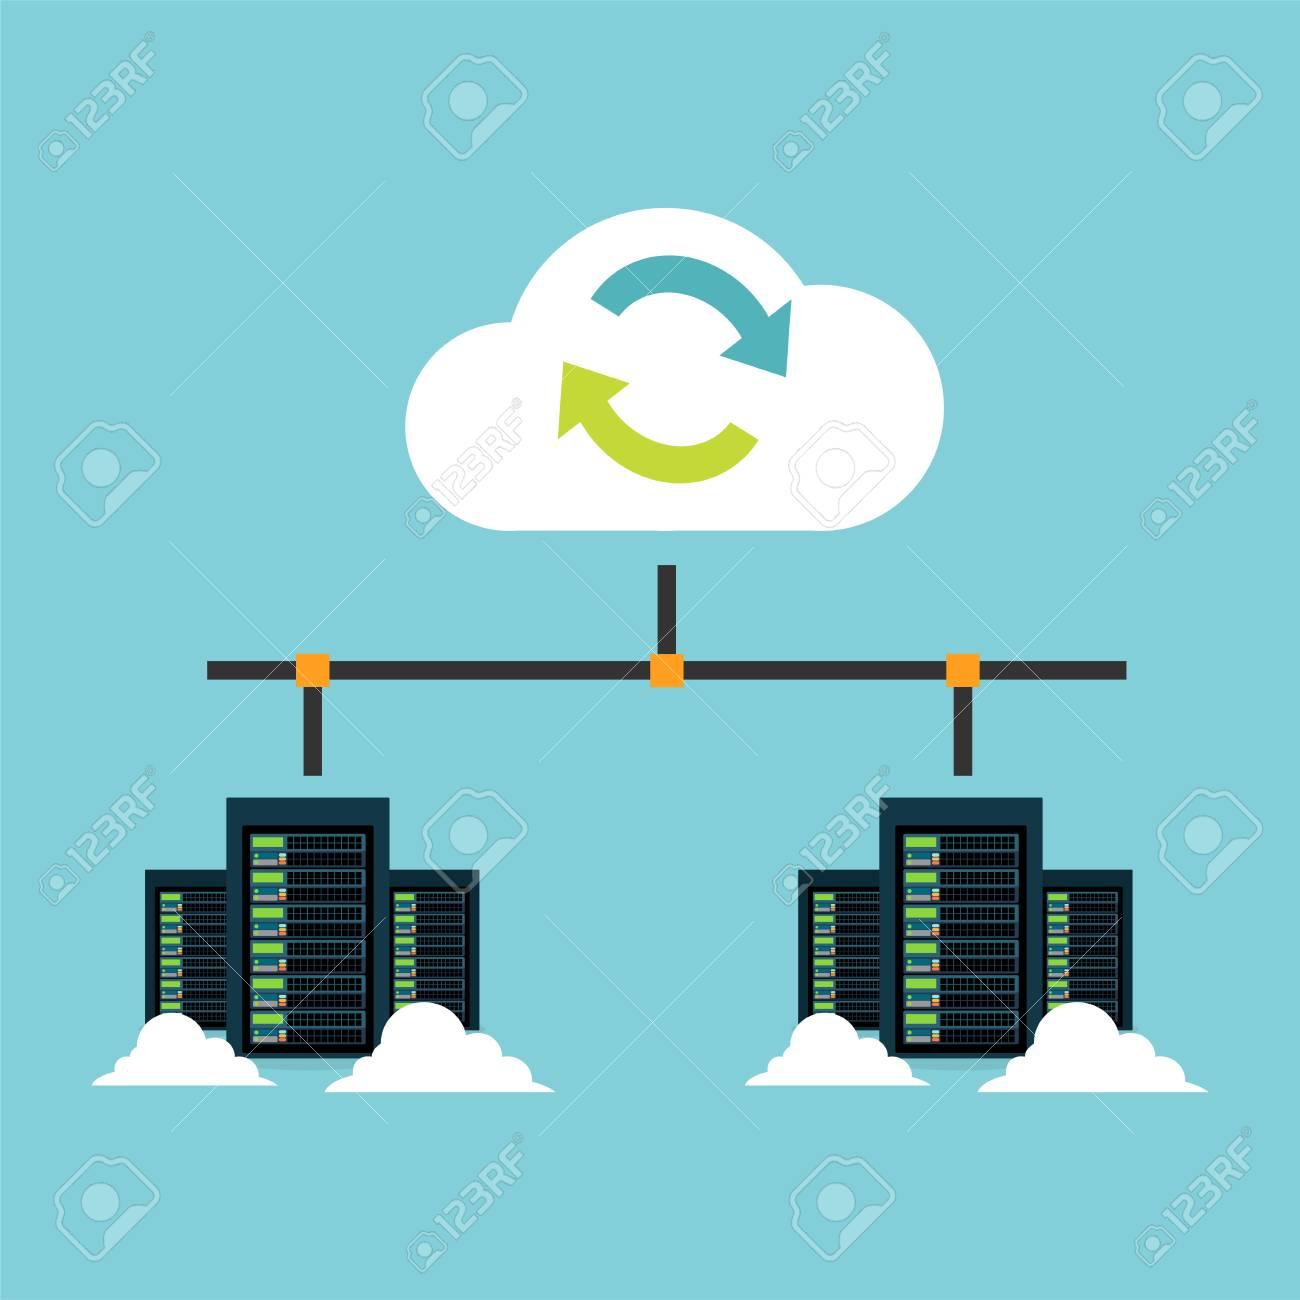 Cloud storage. Data center integration. Synchronize server. Backup. File Sharing concept. - 88424273